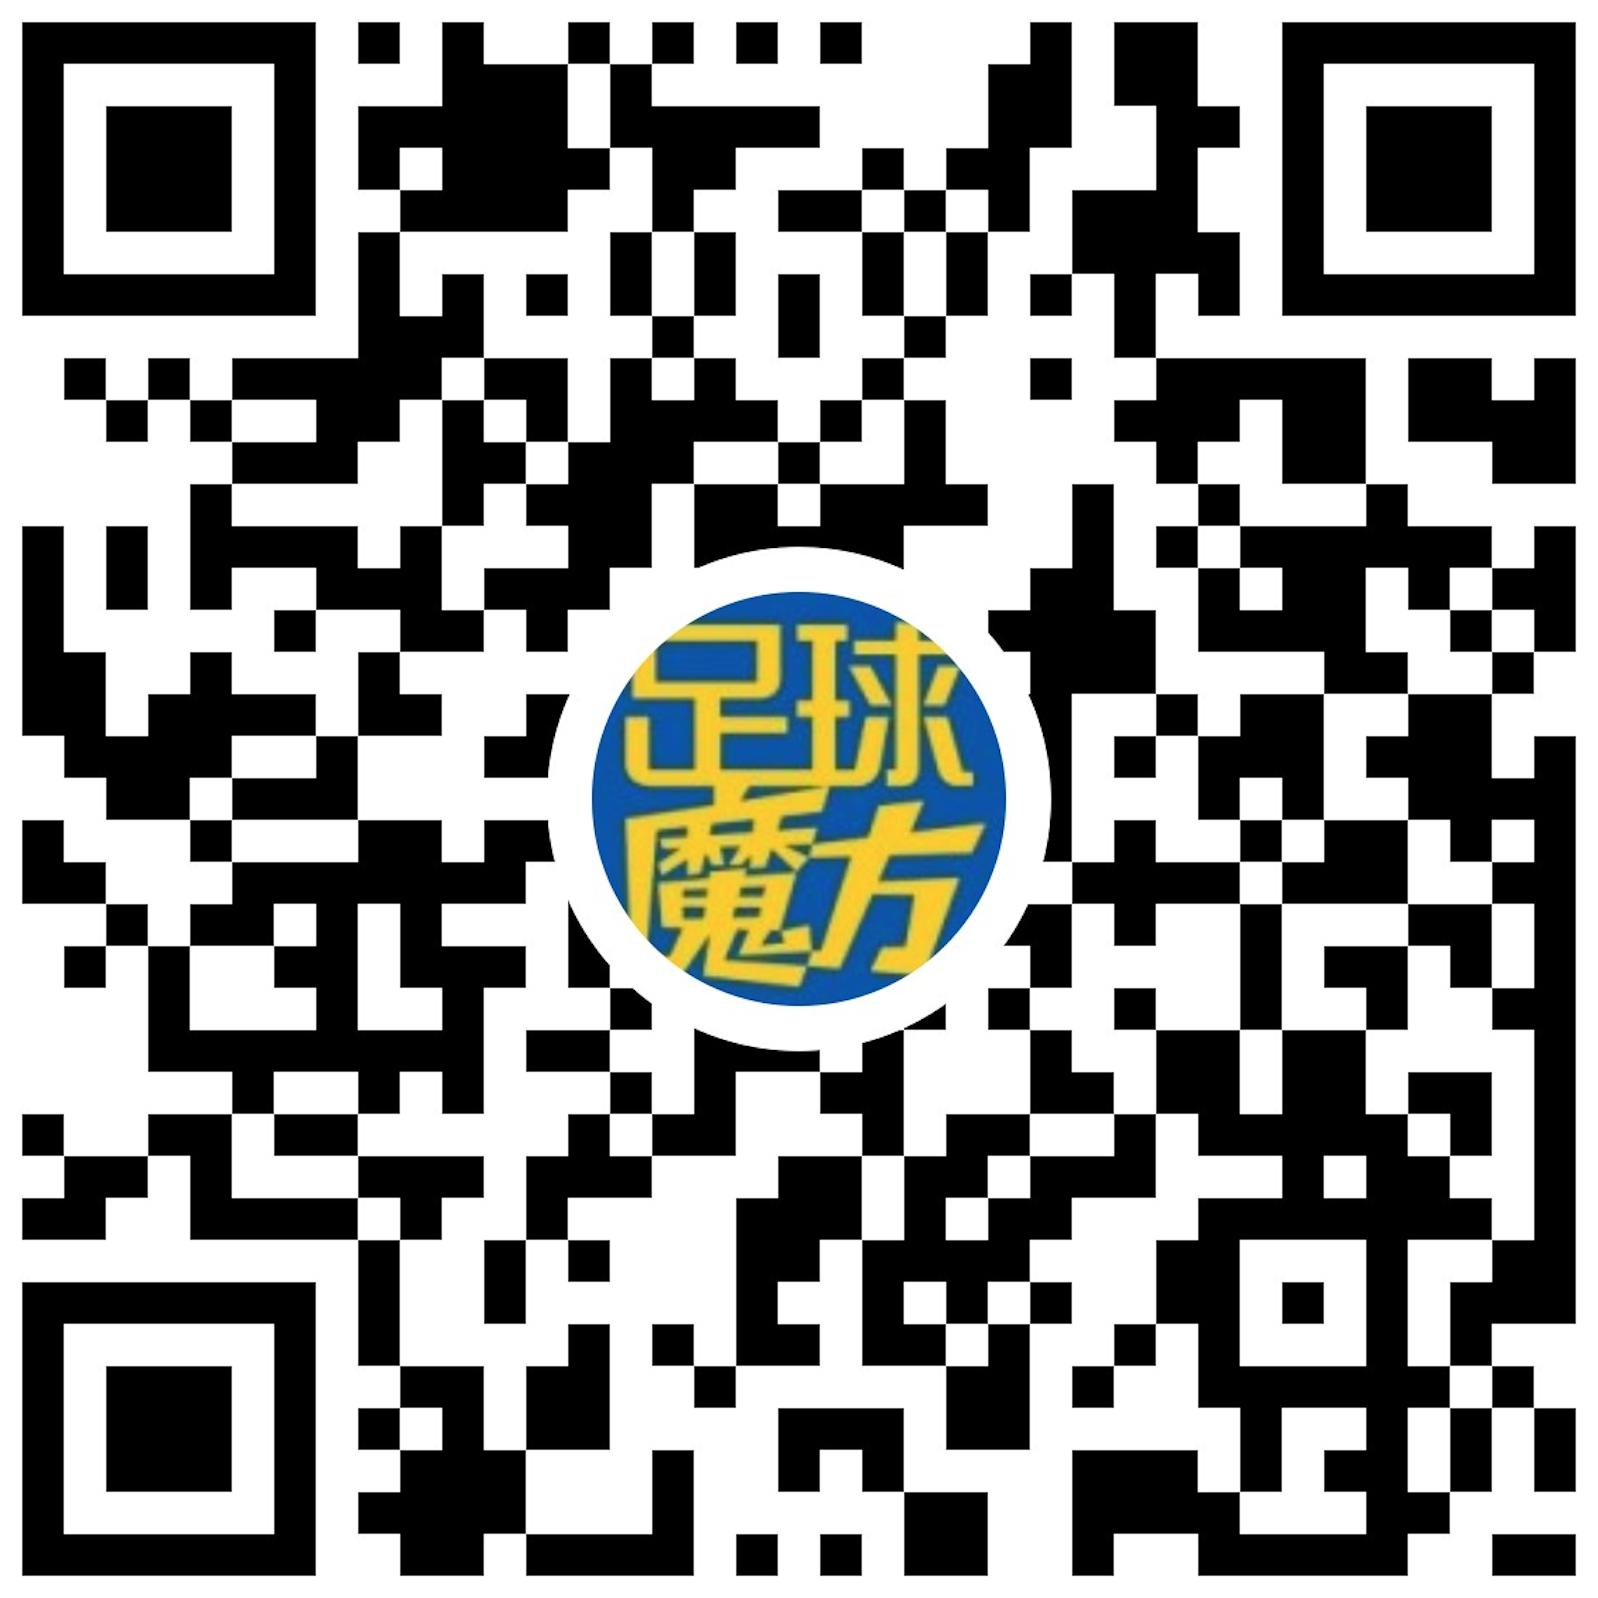 足球魔方社区-微信小程序二维码